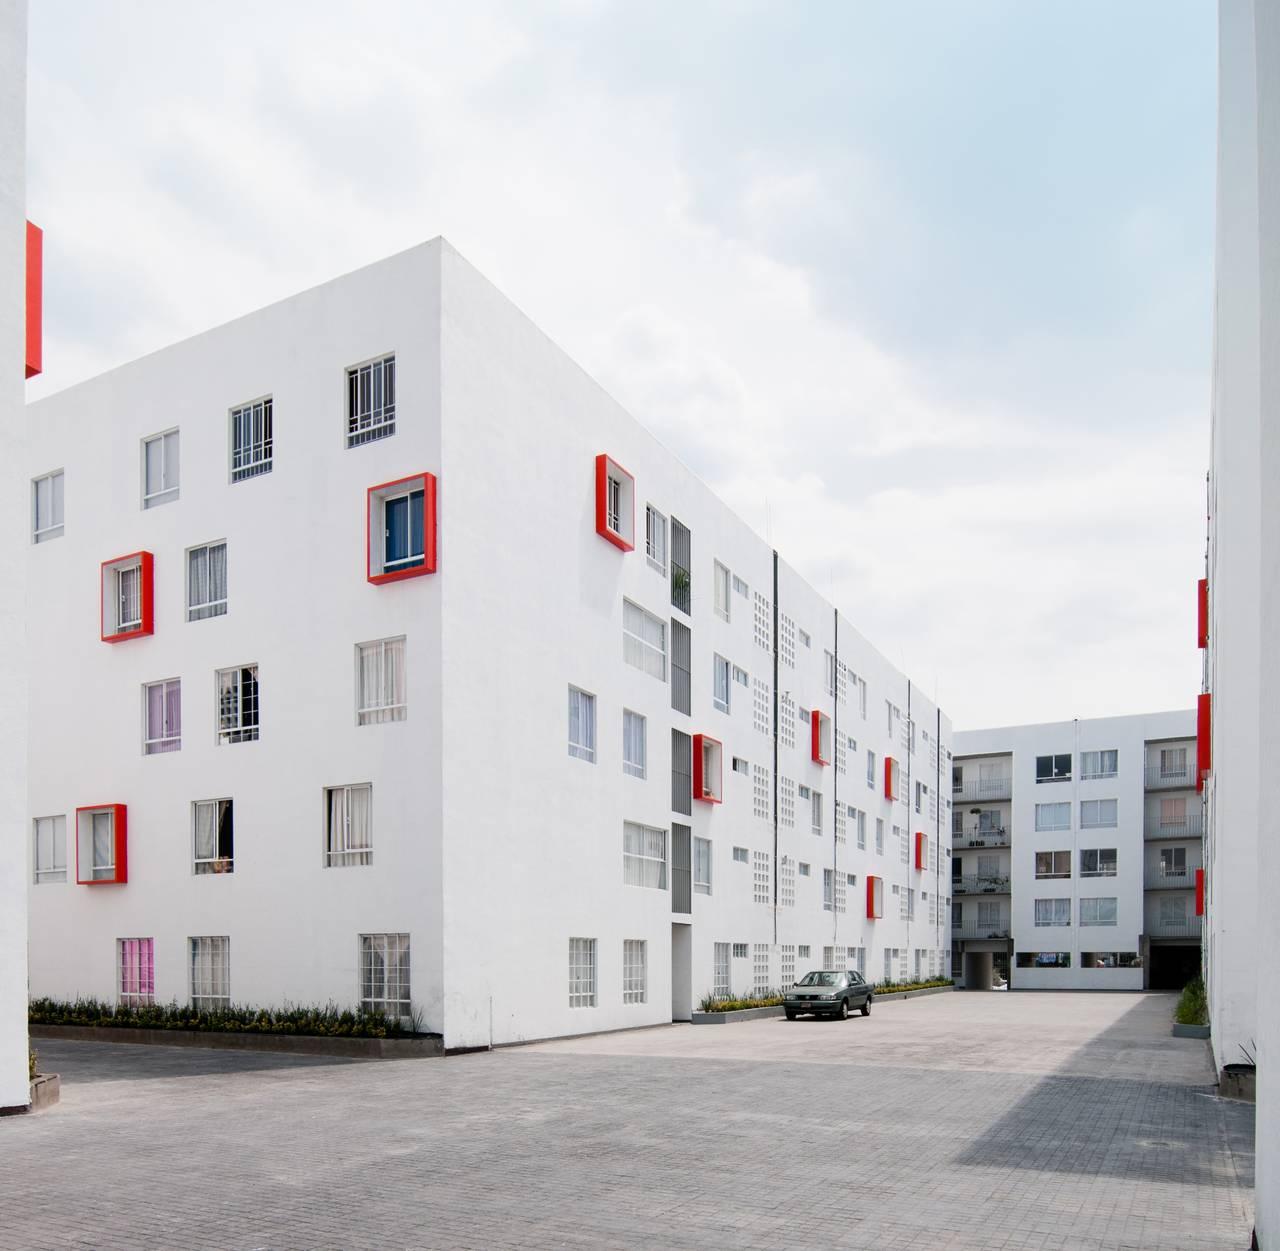 Proyecto de Vivienda Urbana IntegrARA Iztacalco diseñado por a | 911 : Fotografía © Moritz Bernoully